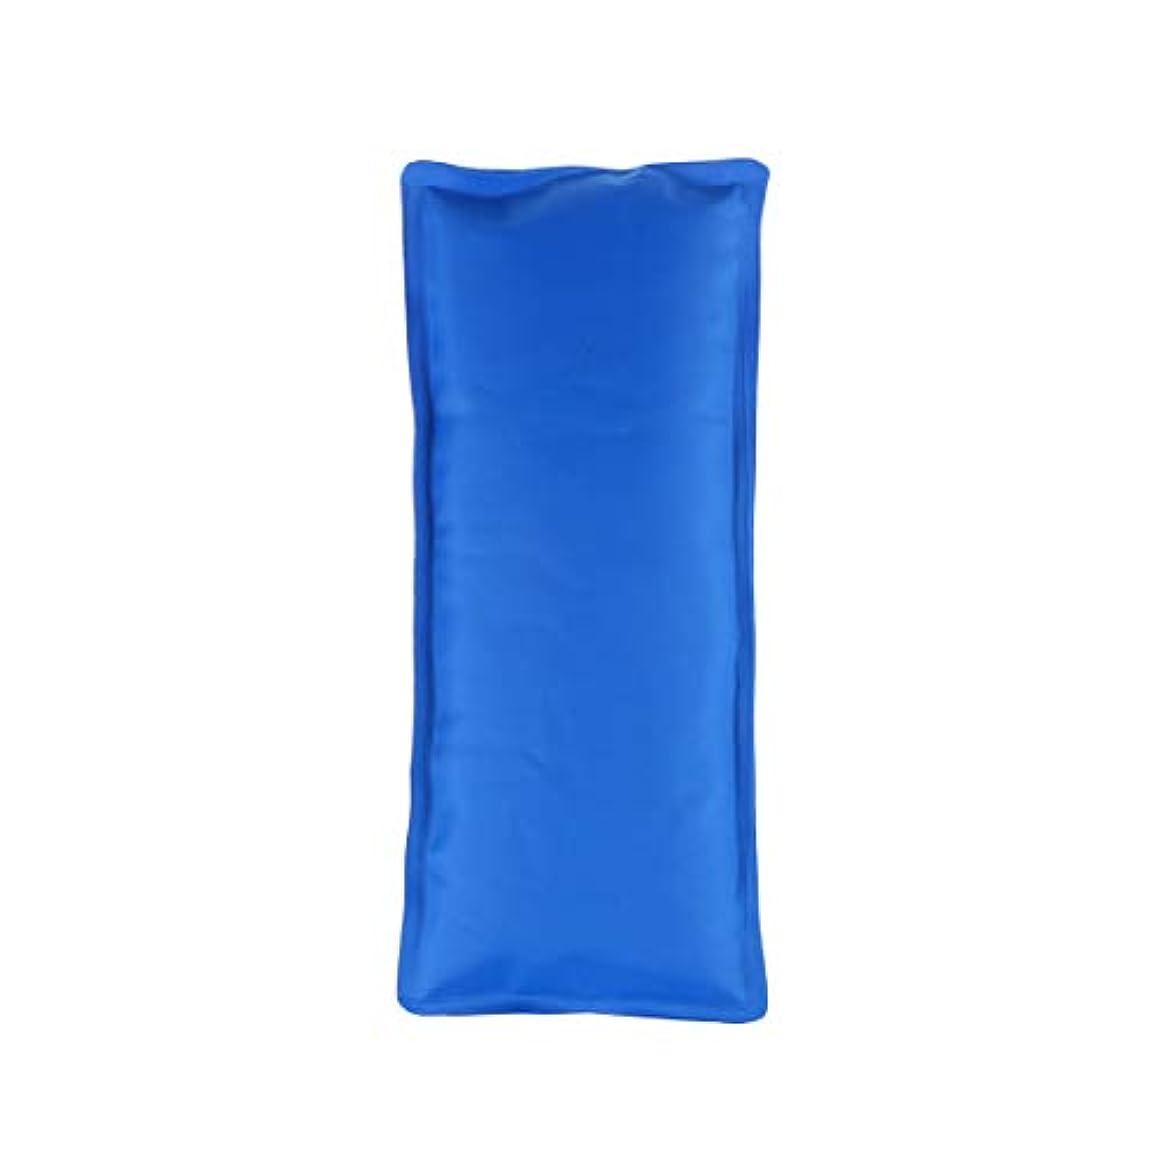 ハードウェアピア雄弁家傷害の子供および大人500MLのためのHEALILYの熱い冷たいゲルのアイスパックの圧縮の覆い